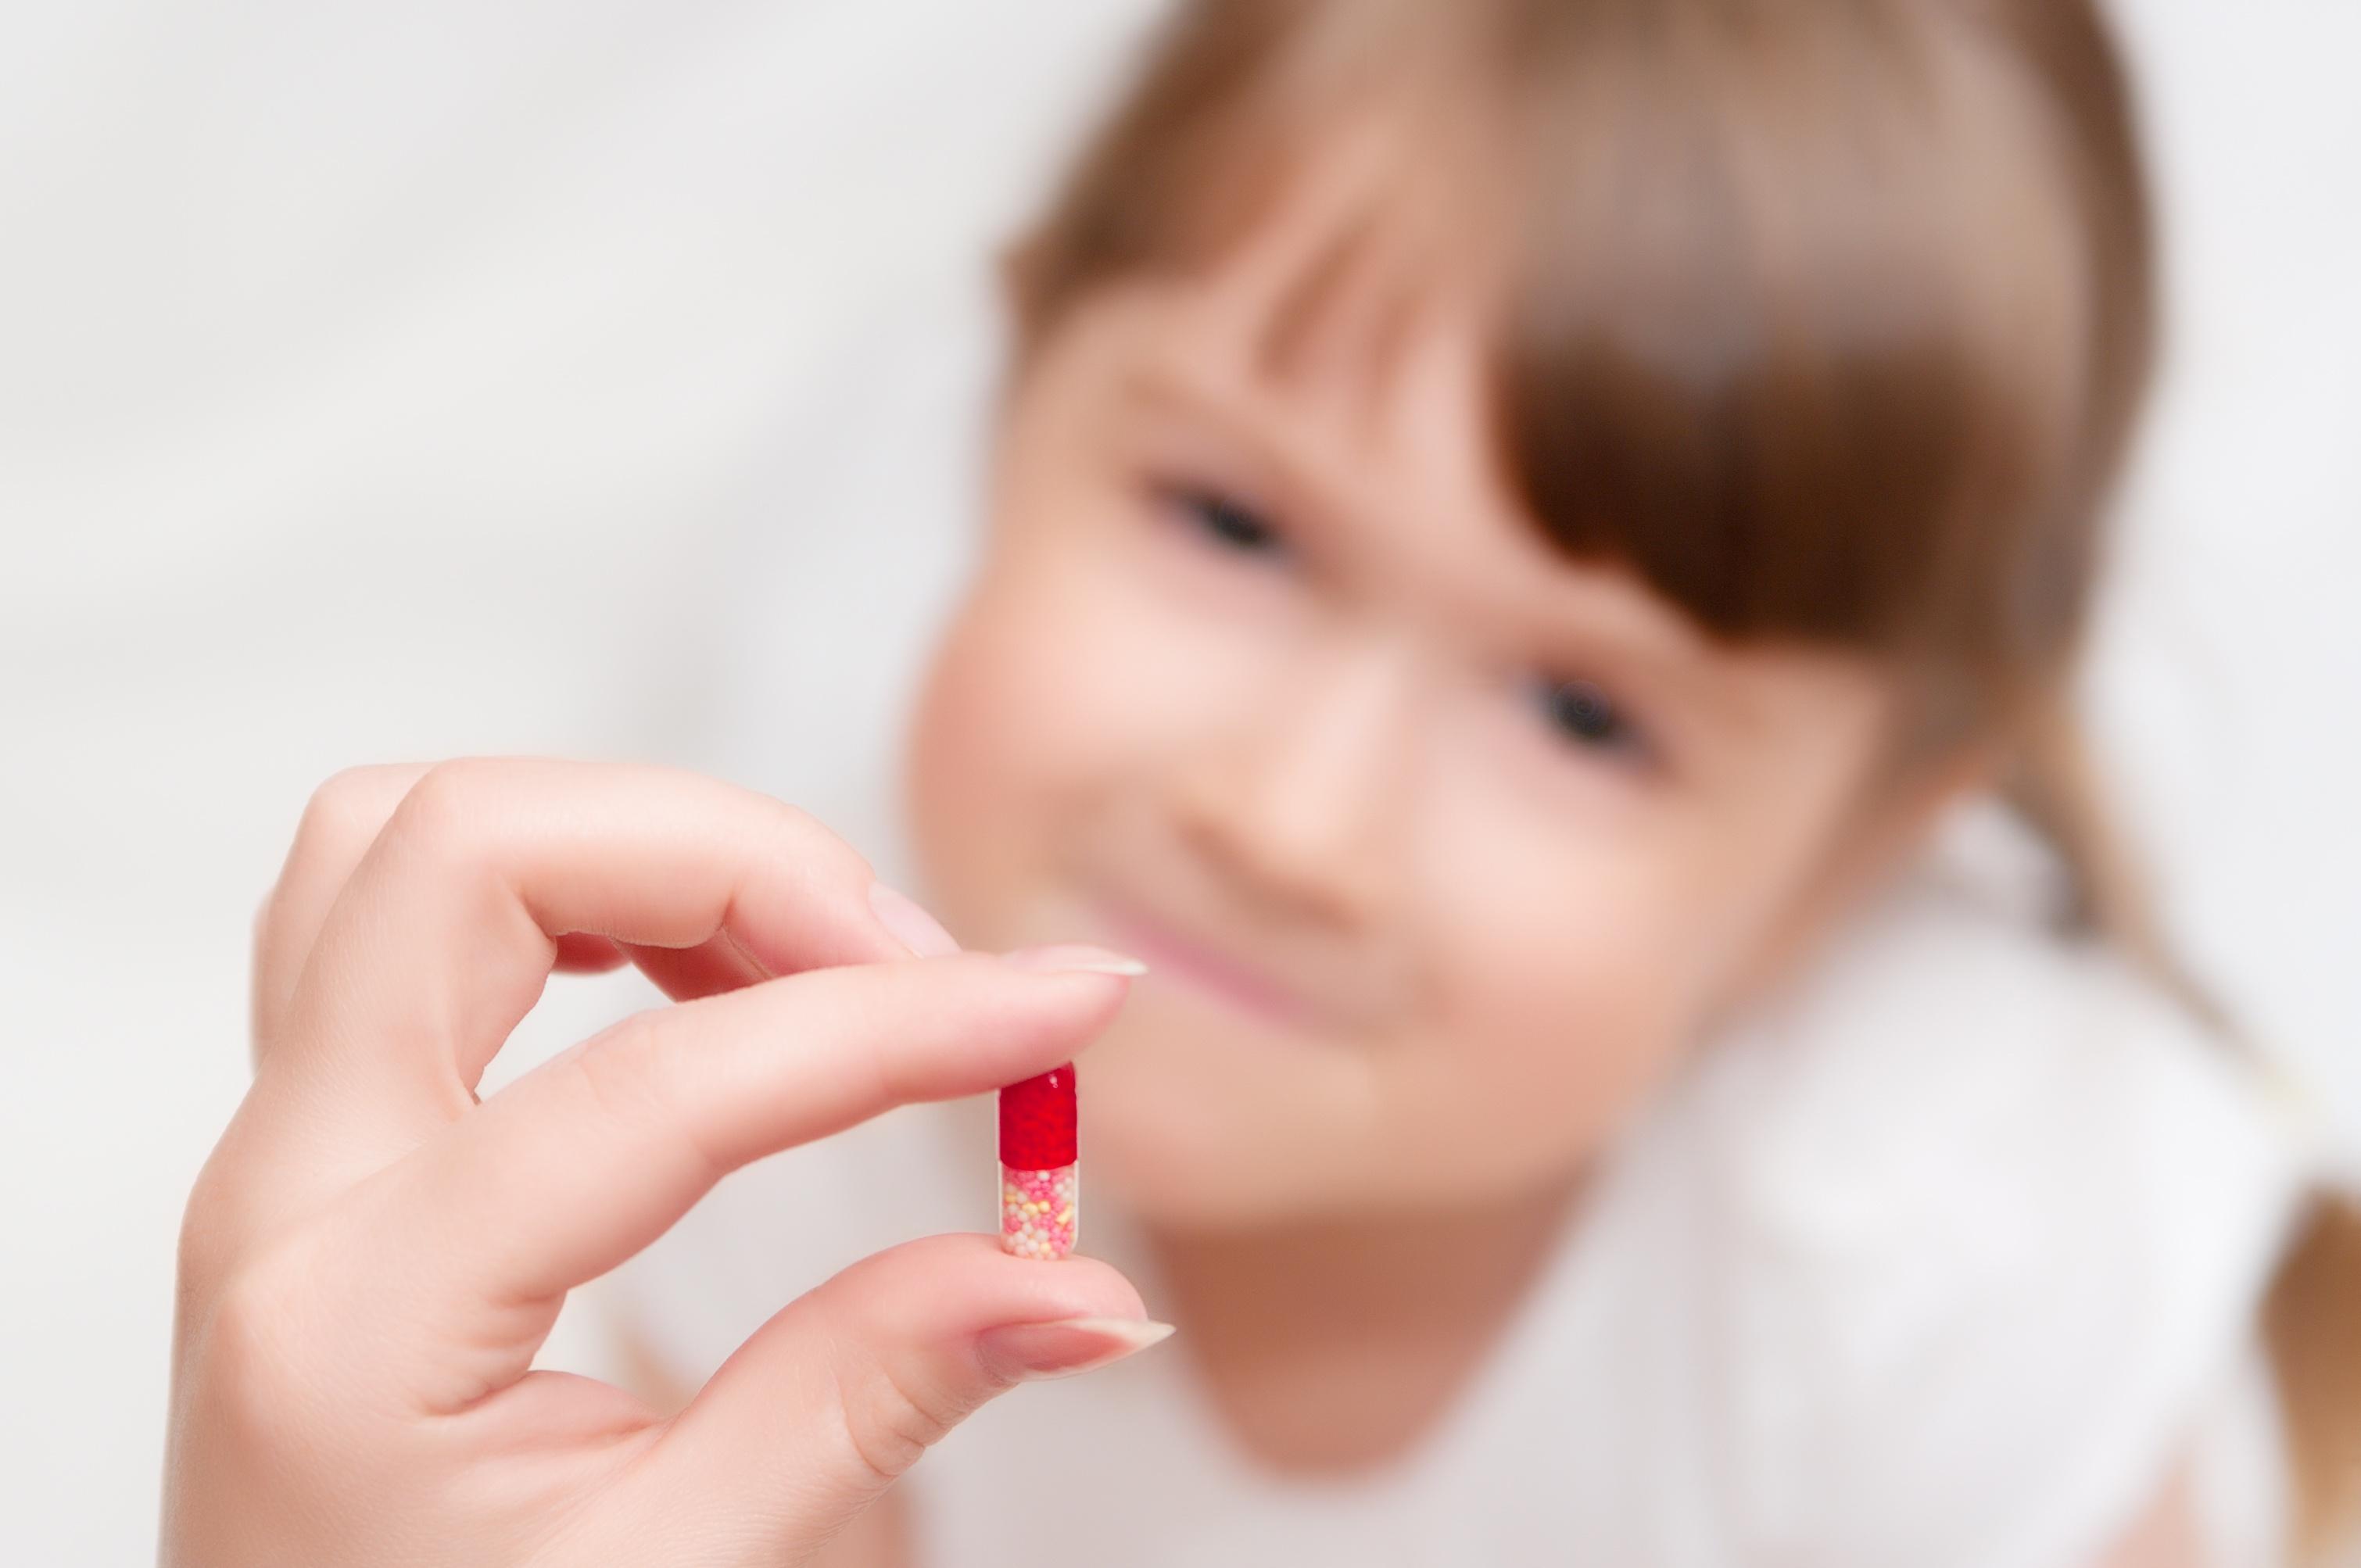 Pill_Glide_study.jpg